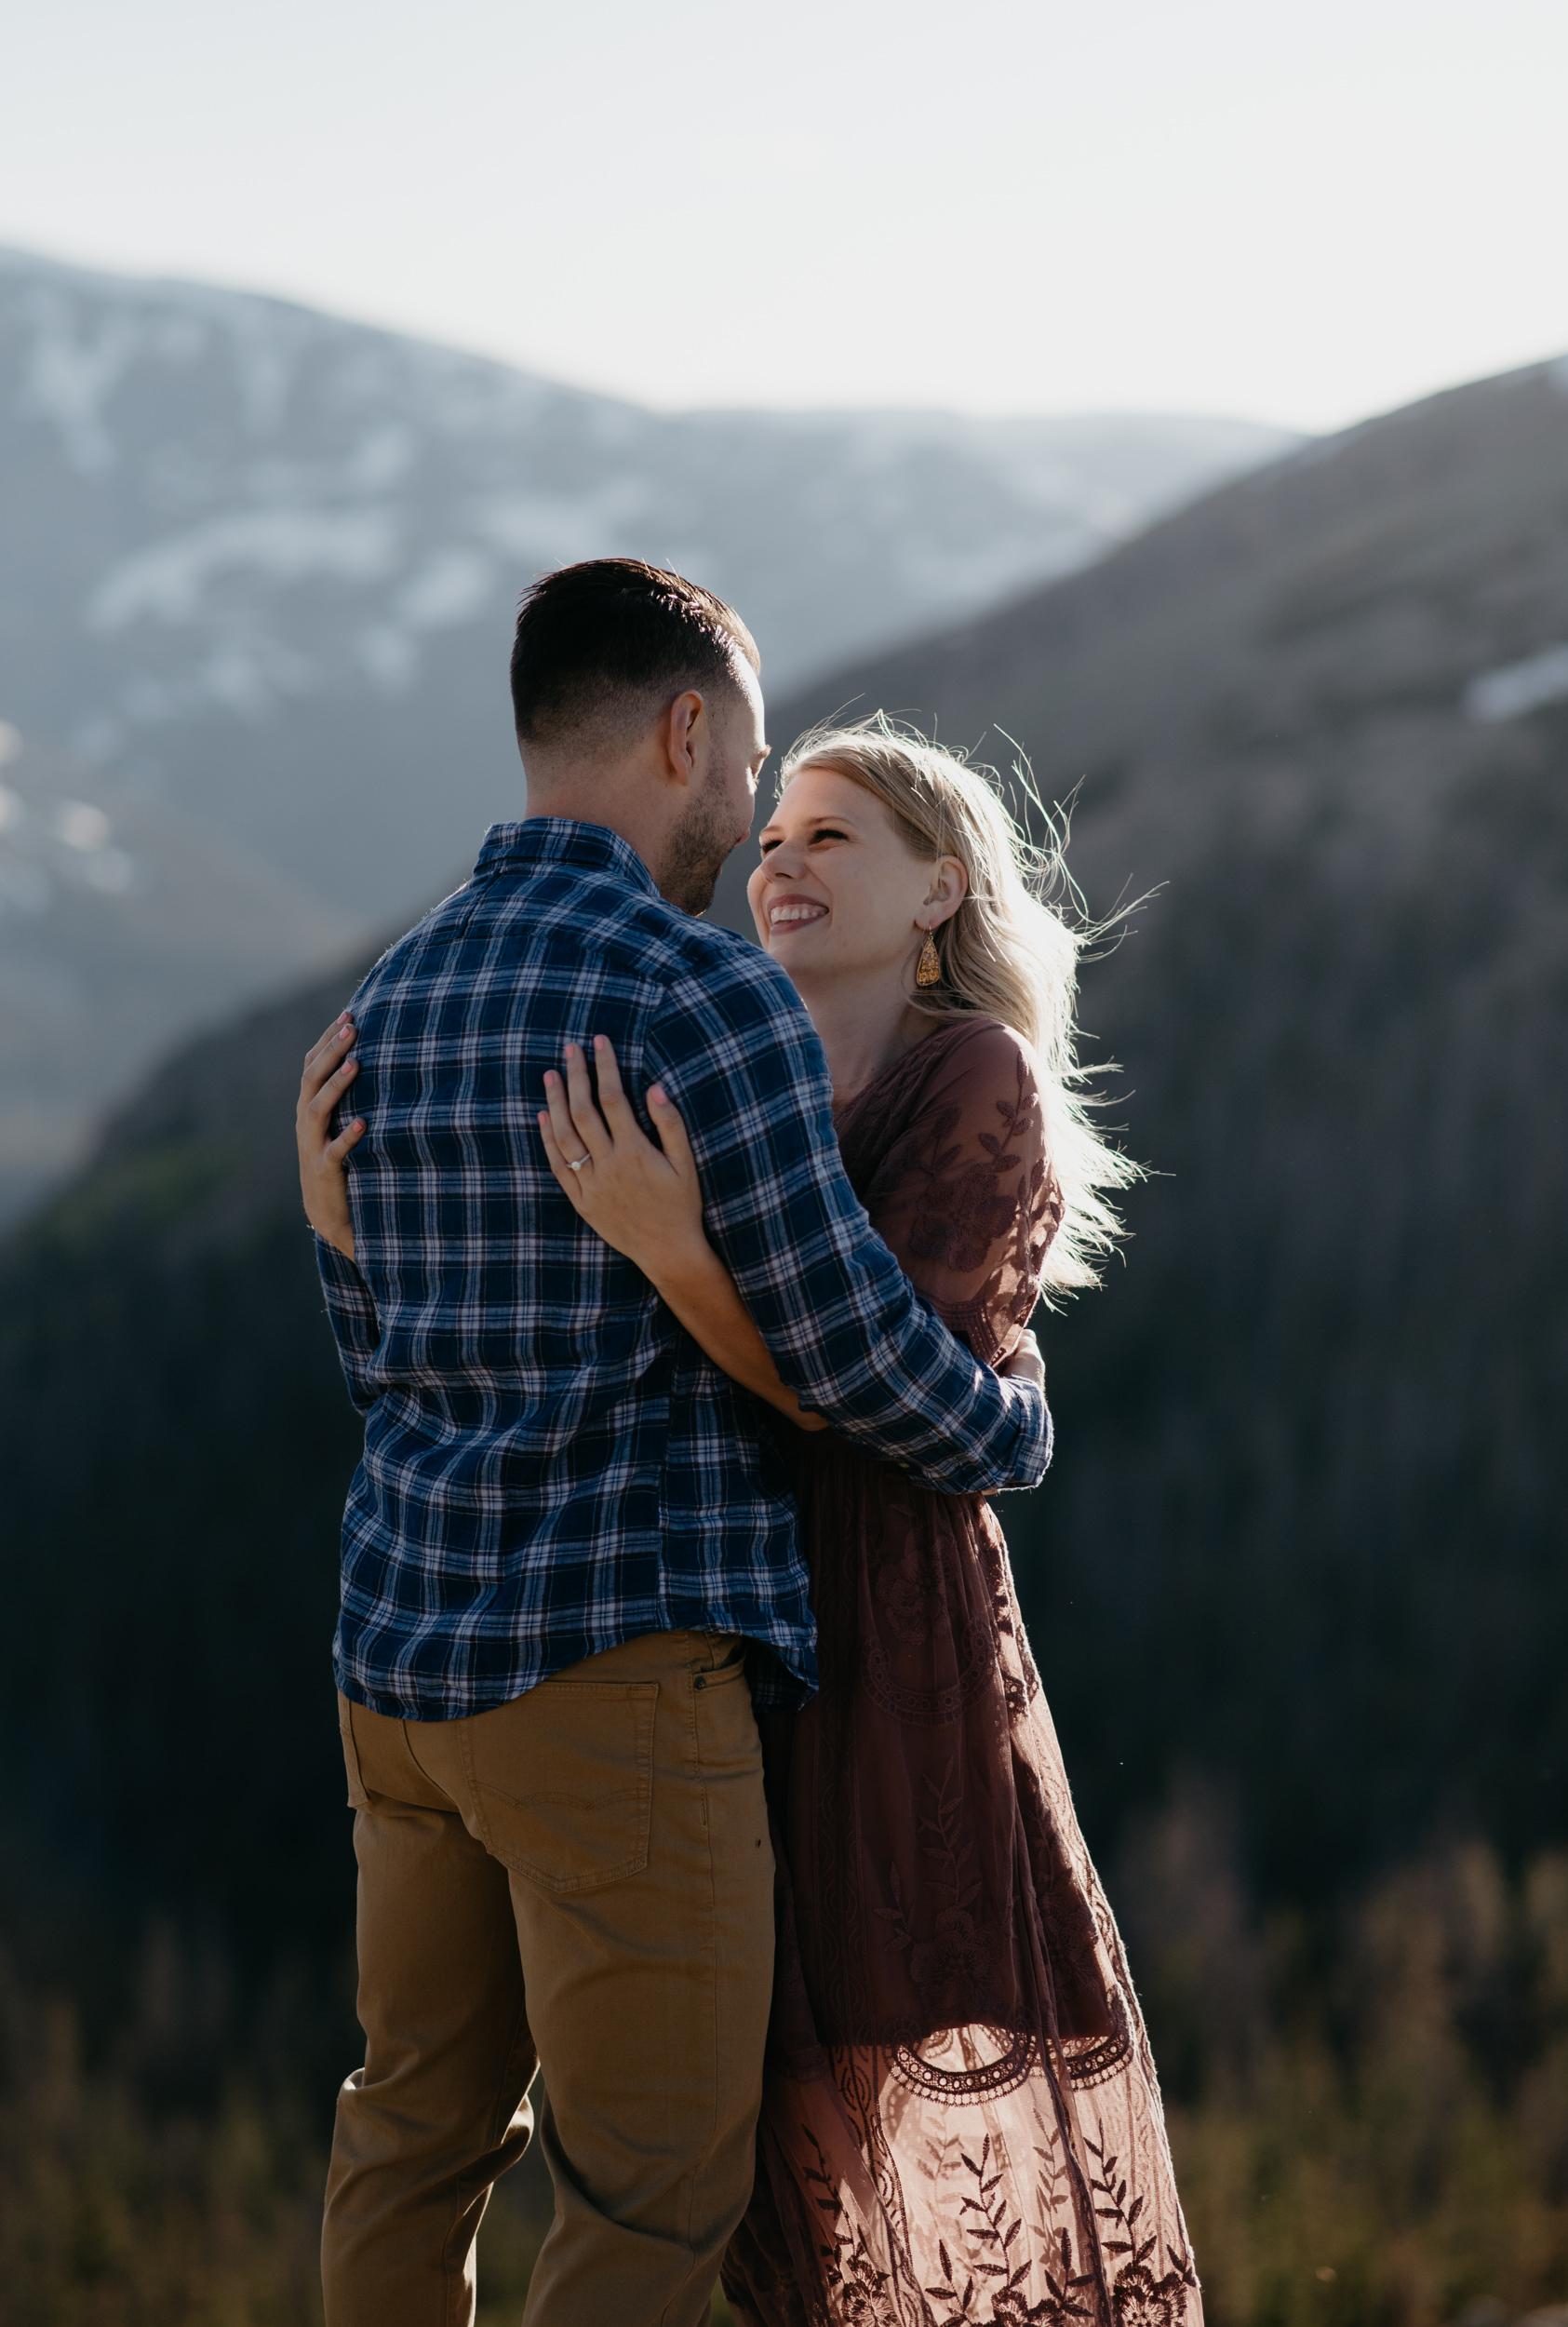 Elopement photos at Rocky Mountain National Park. Colorado wedding photographer.